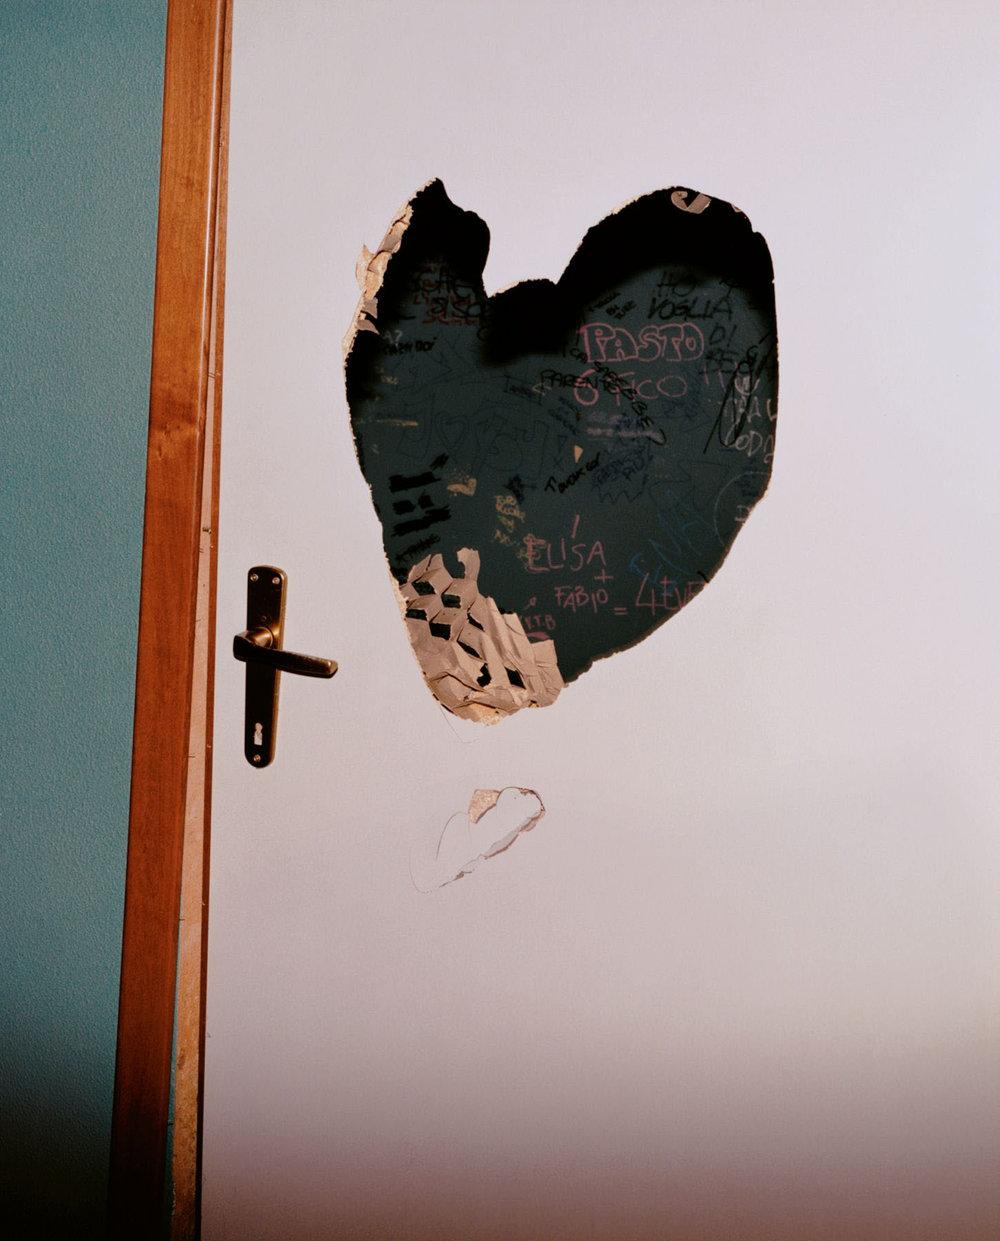 A door in the Armando Diaz School After a Police Raid, Genoa, 21 July 2001